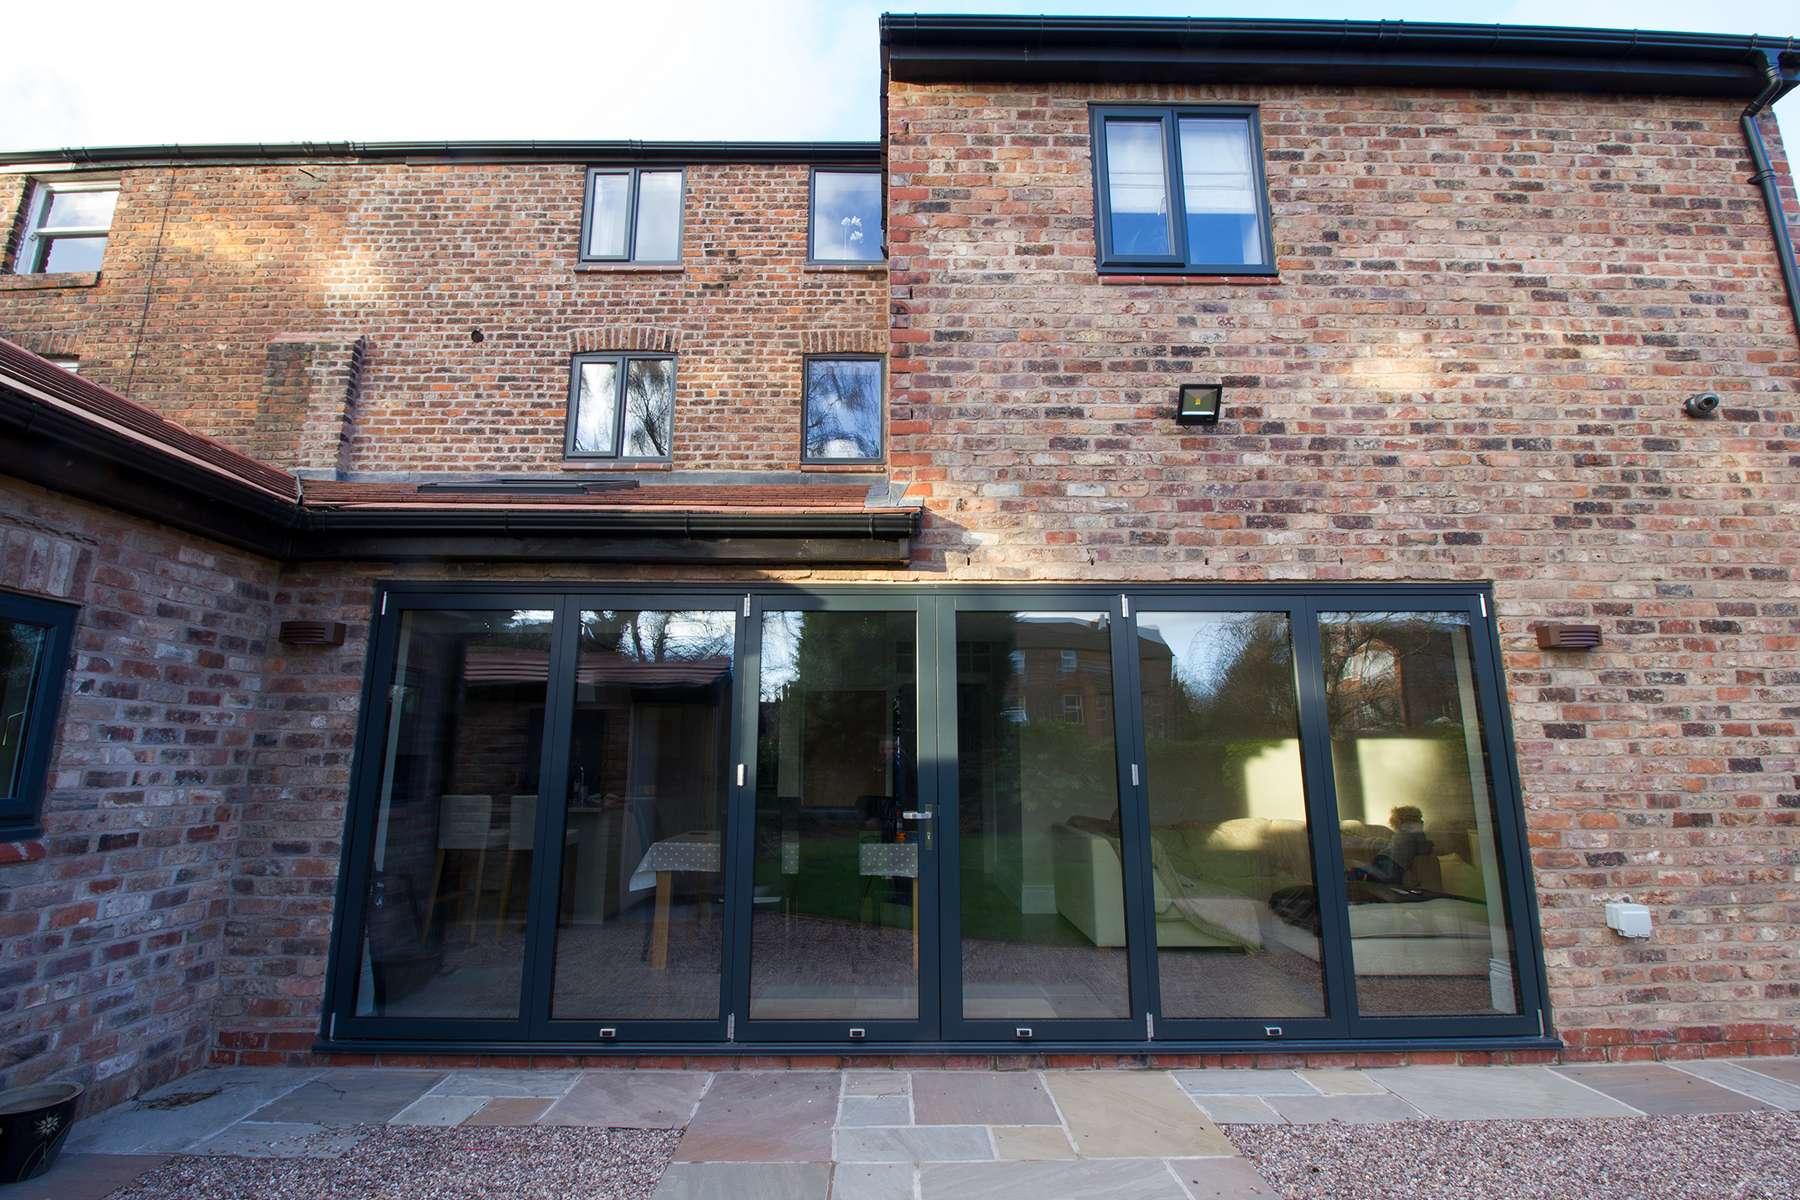 External view of 6 leaf aluminium bifold door installation. & Why Choose Centor Bifolding Doors | Centor Bifolds | John Knight Glass